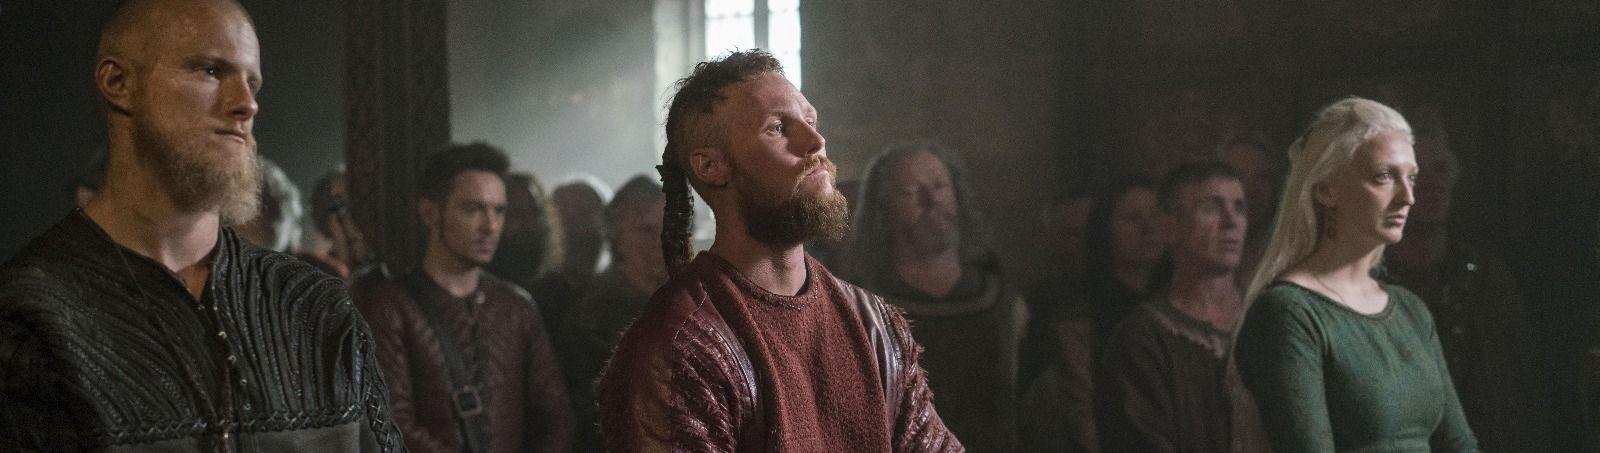 Vikings : le résumé de l'épisode 14 de la saison 5